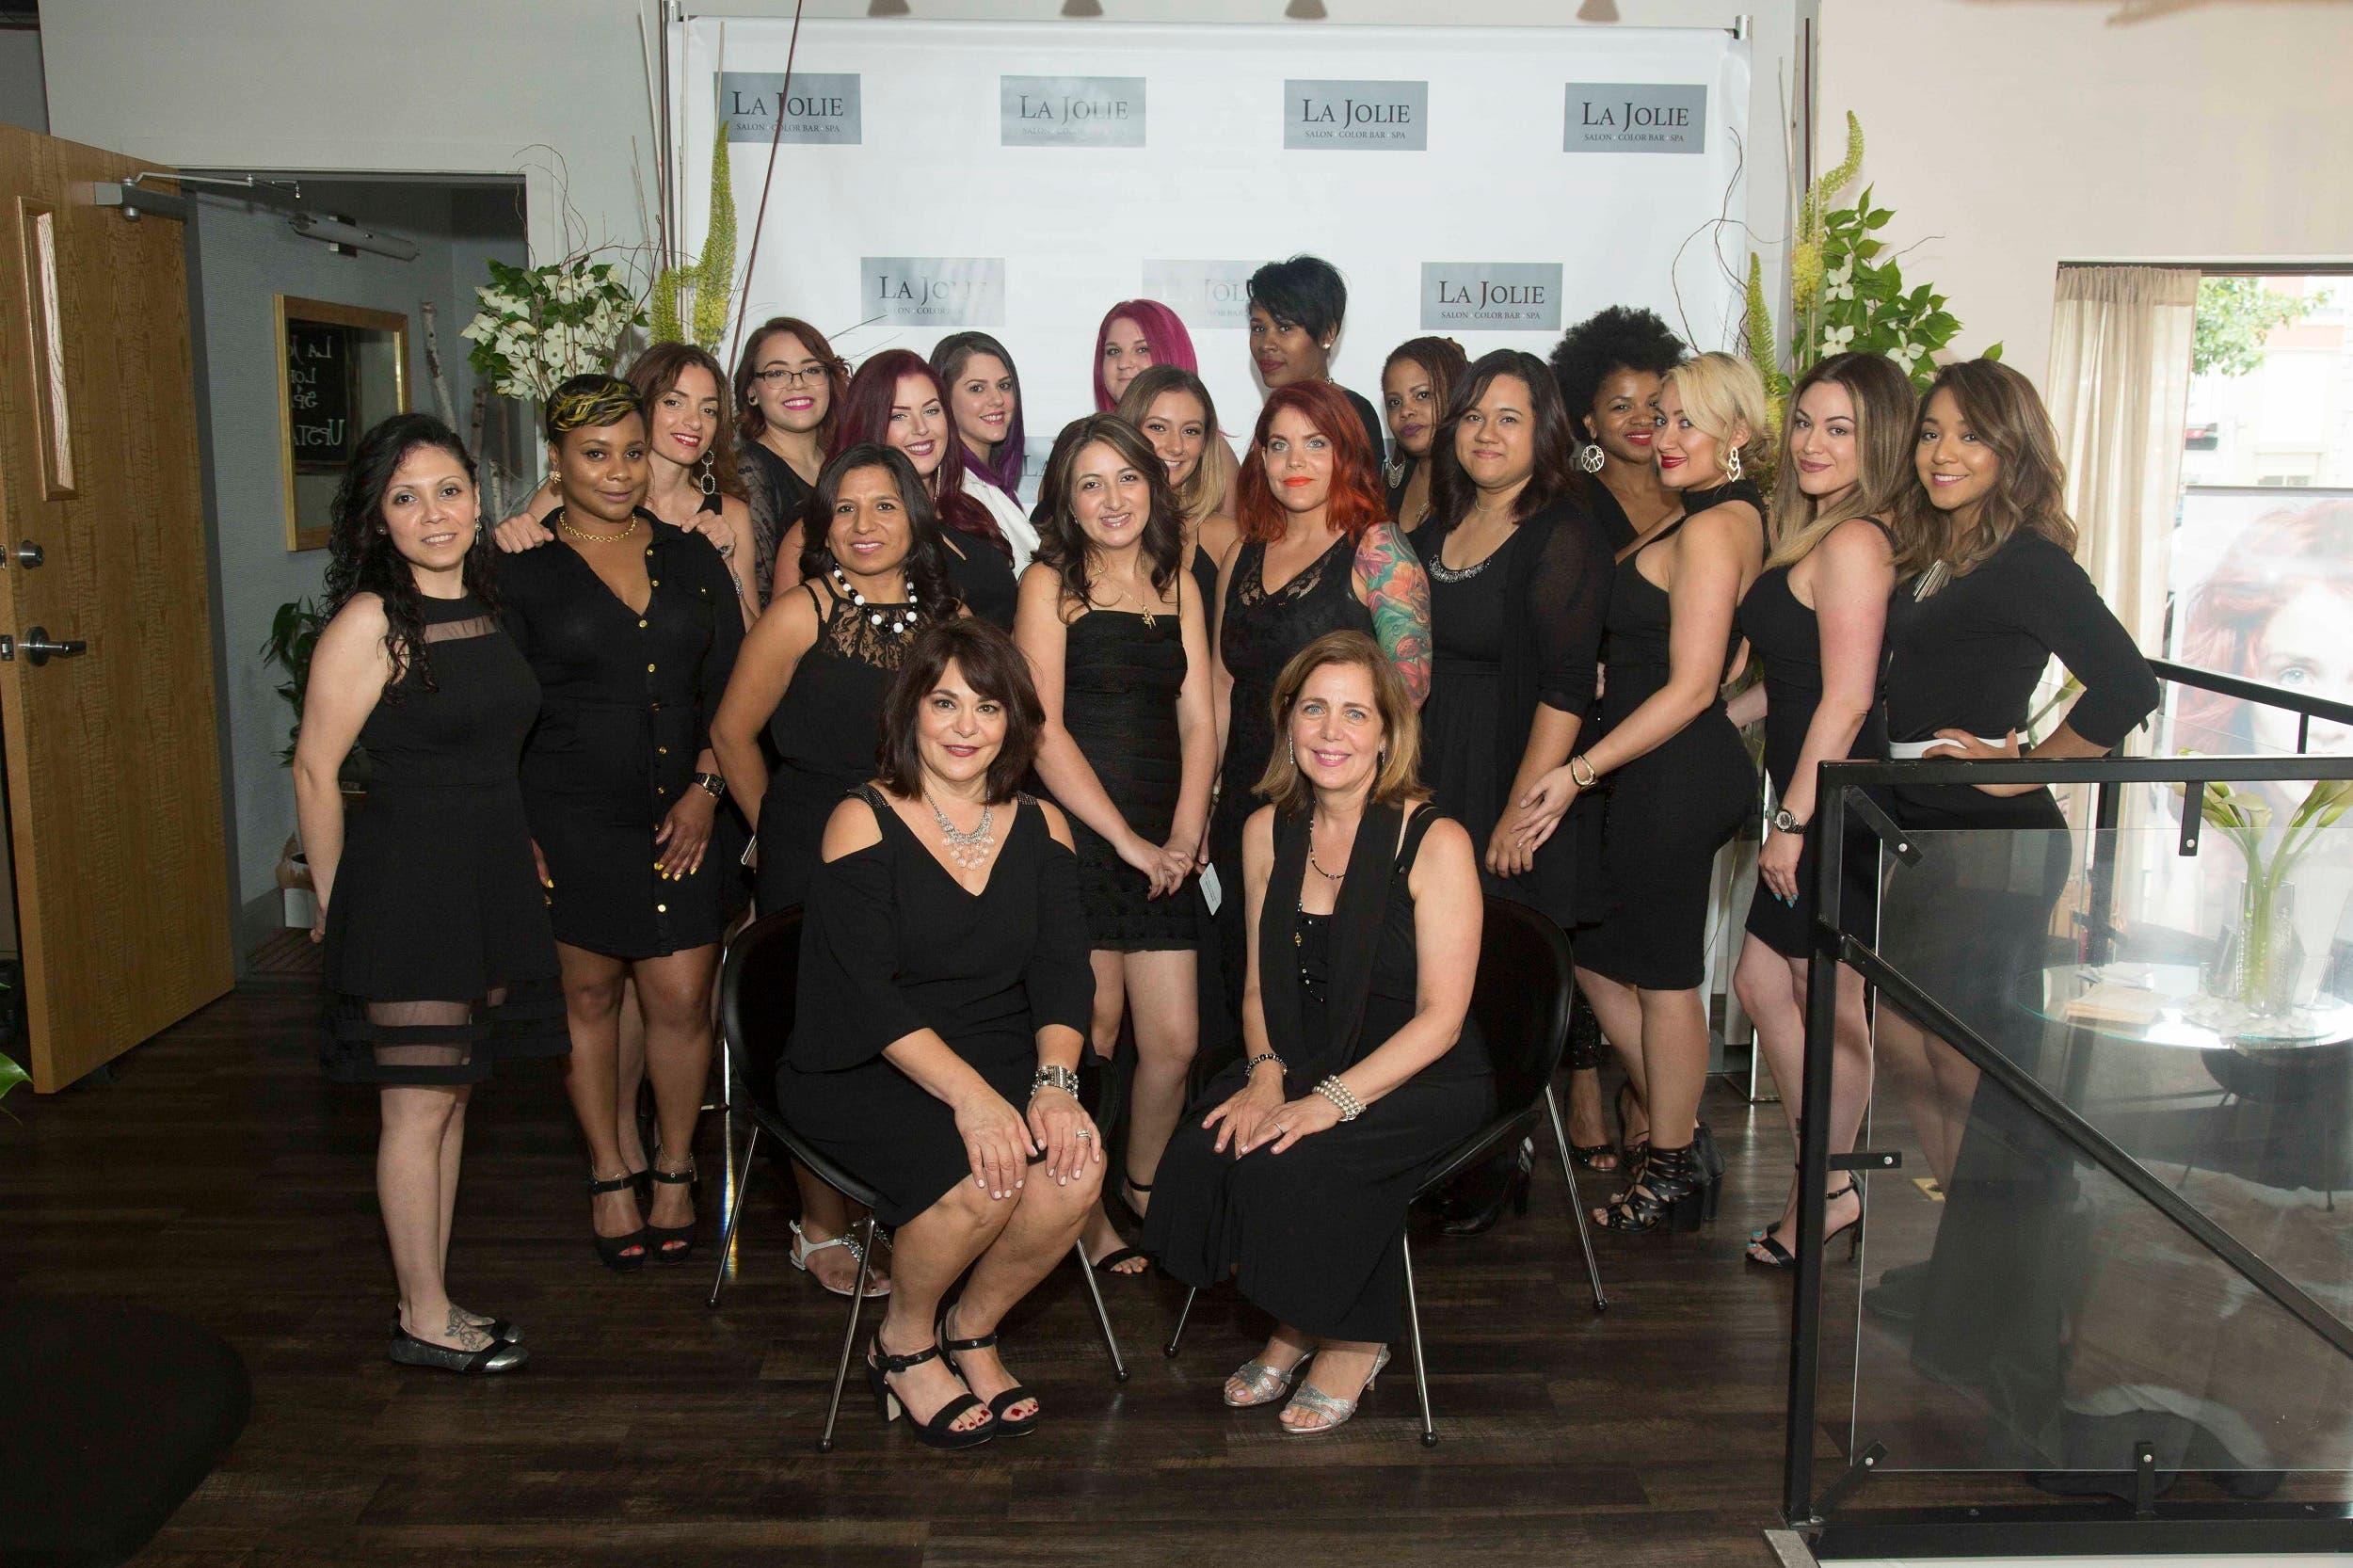 La Jolie Salon, Color Bar & Spa Celebrates Grand Re-Opening in ...